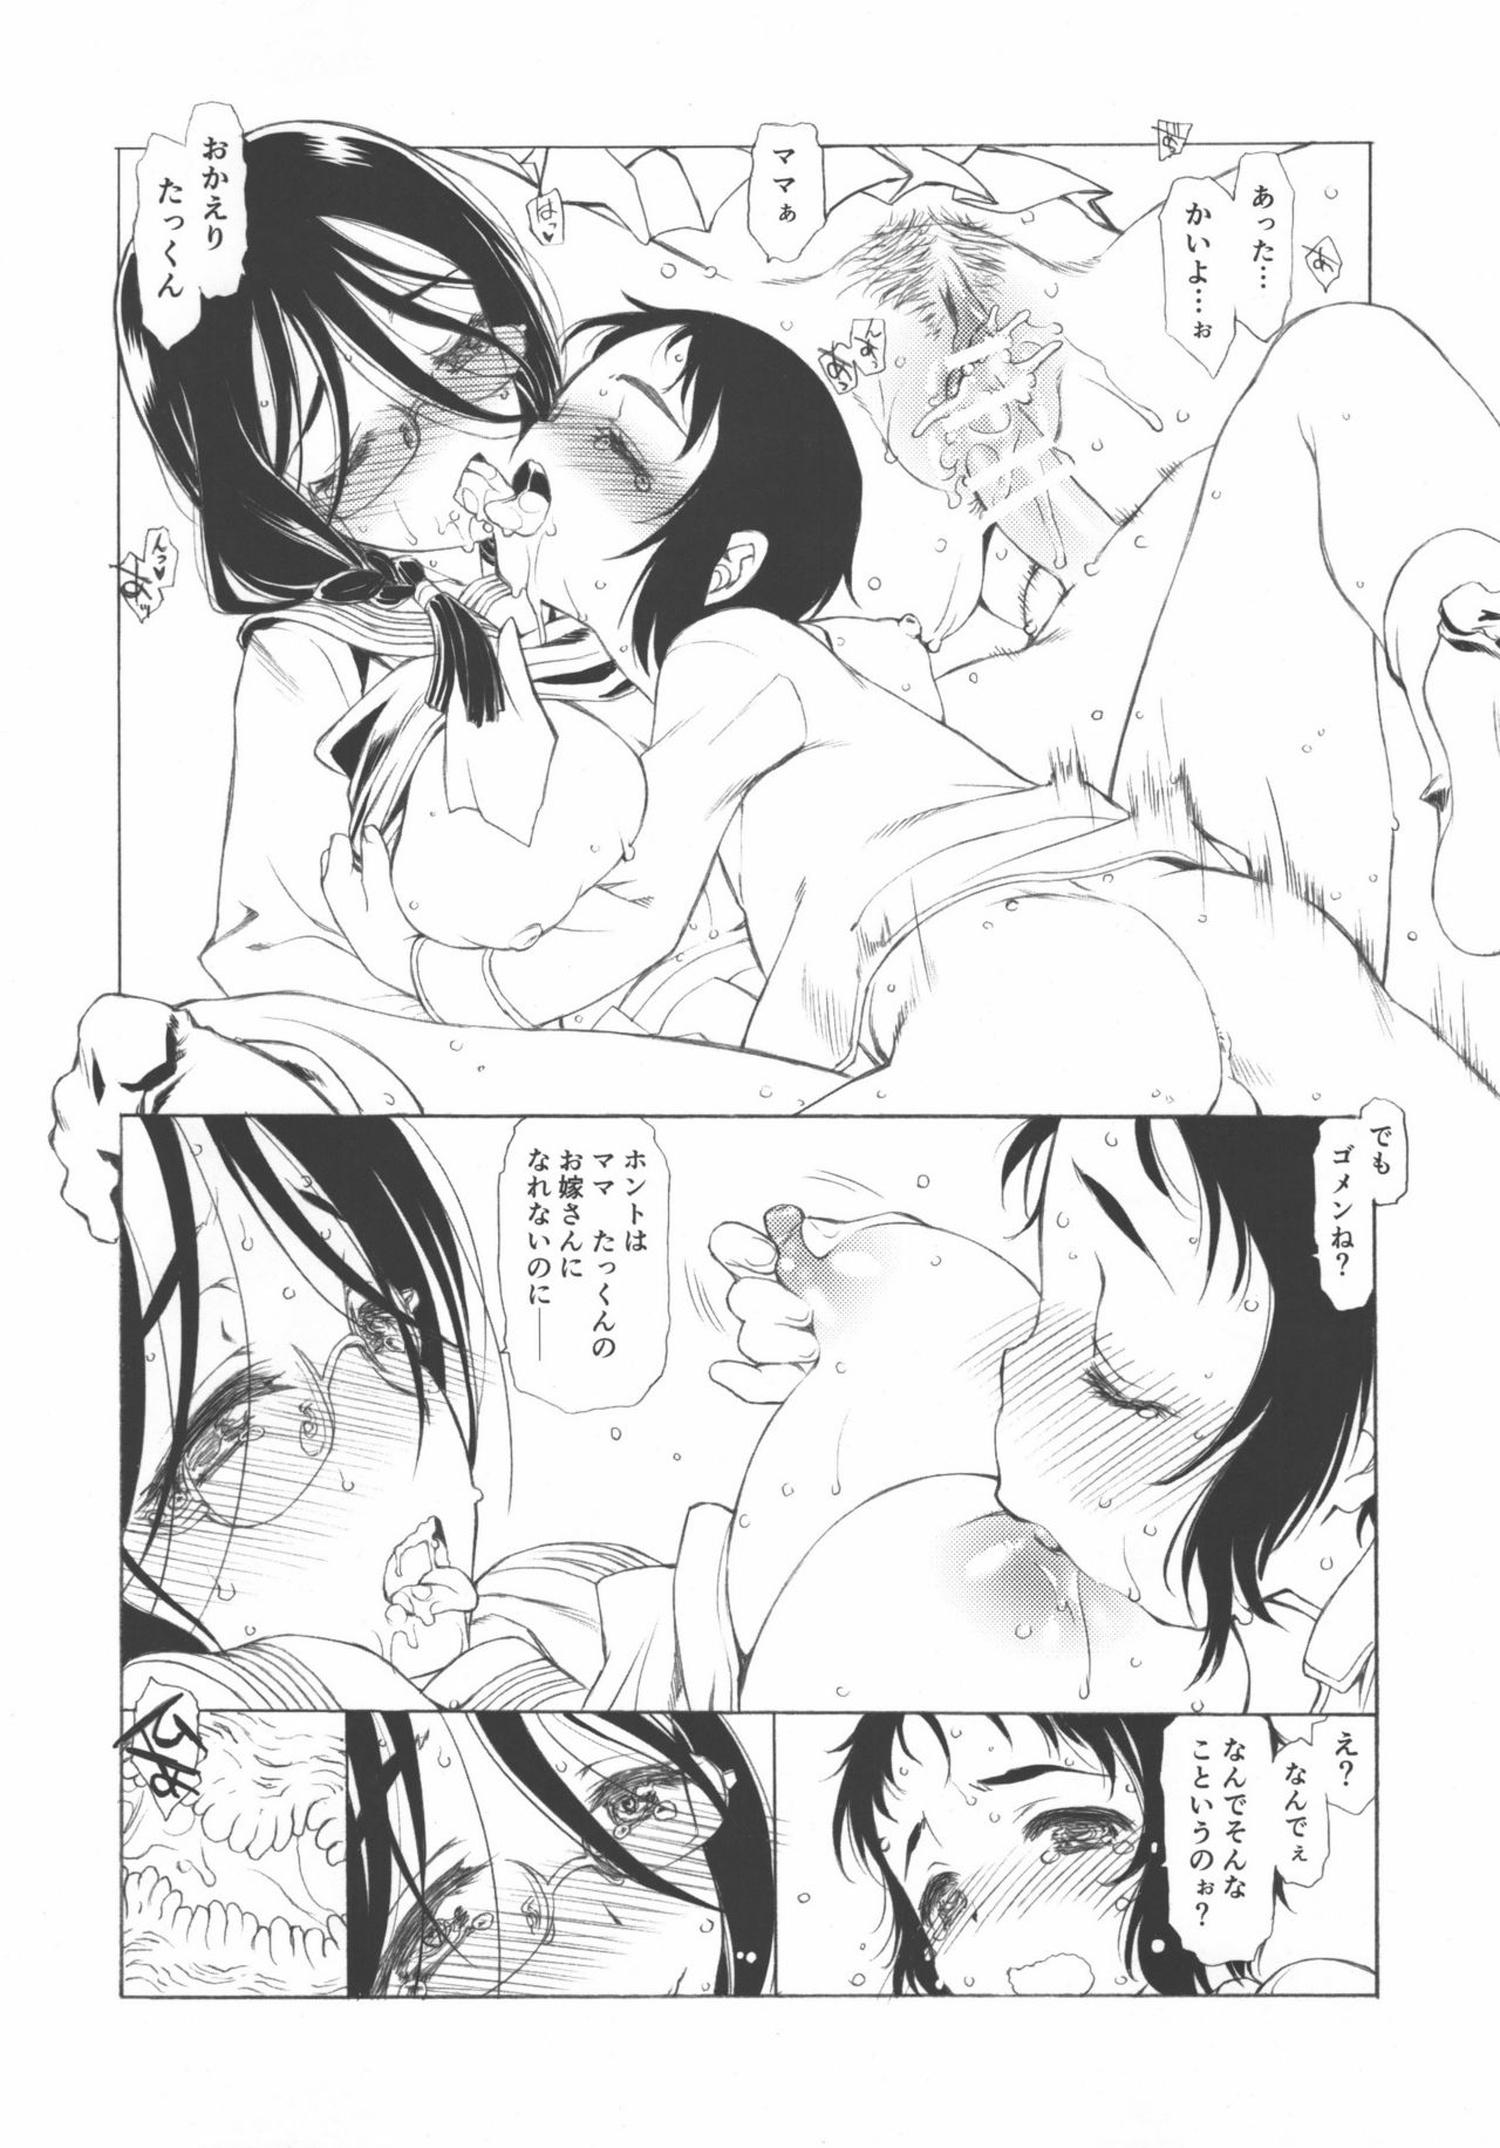 【エロ漫画・エロ同人誌】巨乳母が制服コスしてたらショタな息子が勃起しちゃったから近親相姦しますたwww (8)